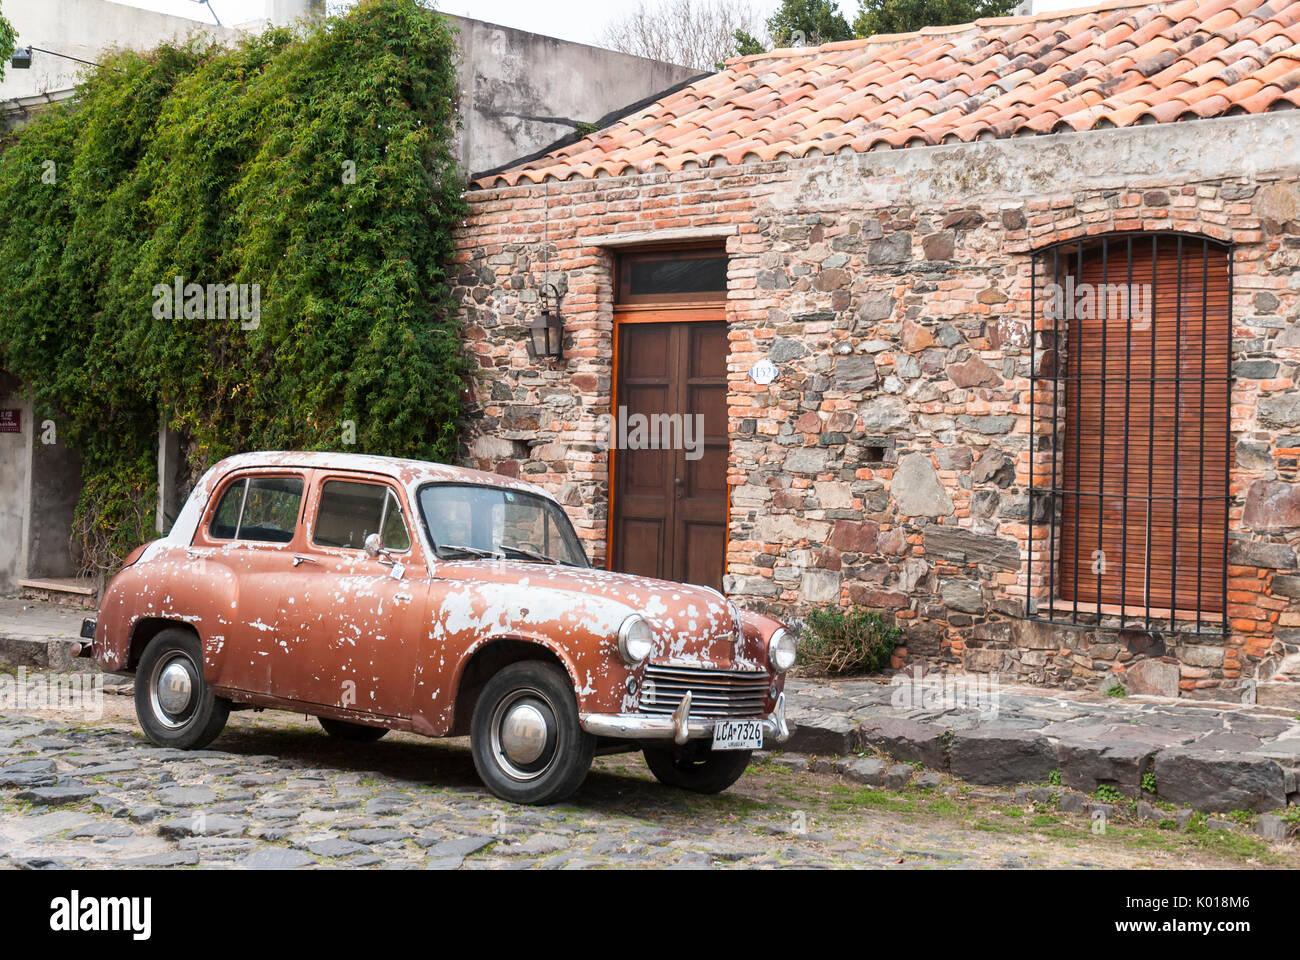 Vintage Car In Colonia Uruguay Stock Photos & Vintage Car In Colonia ...